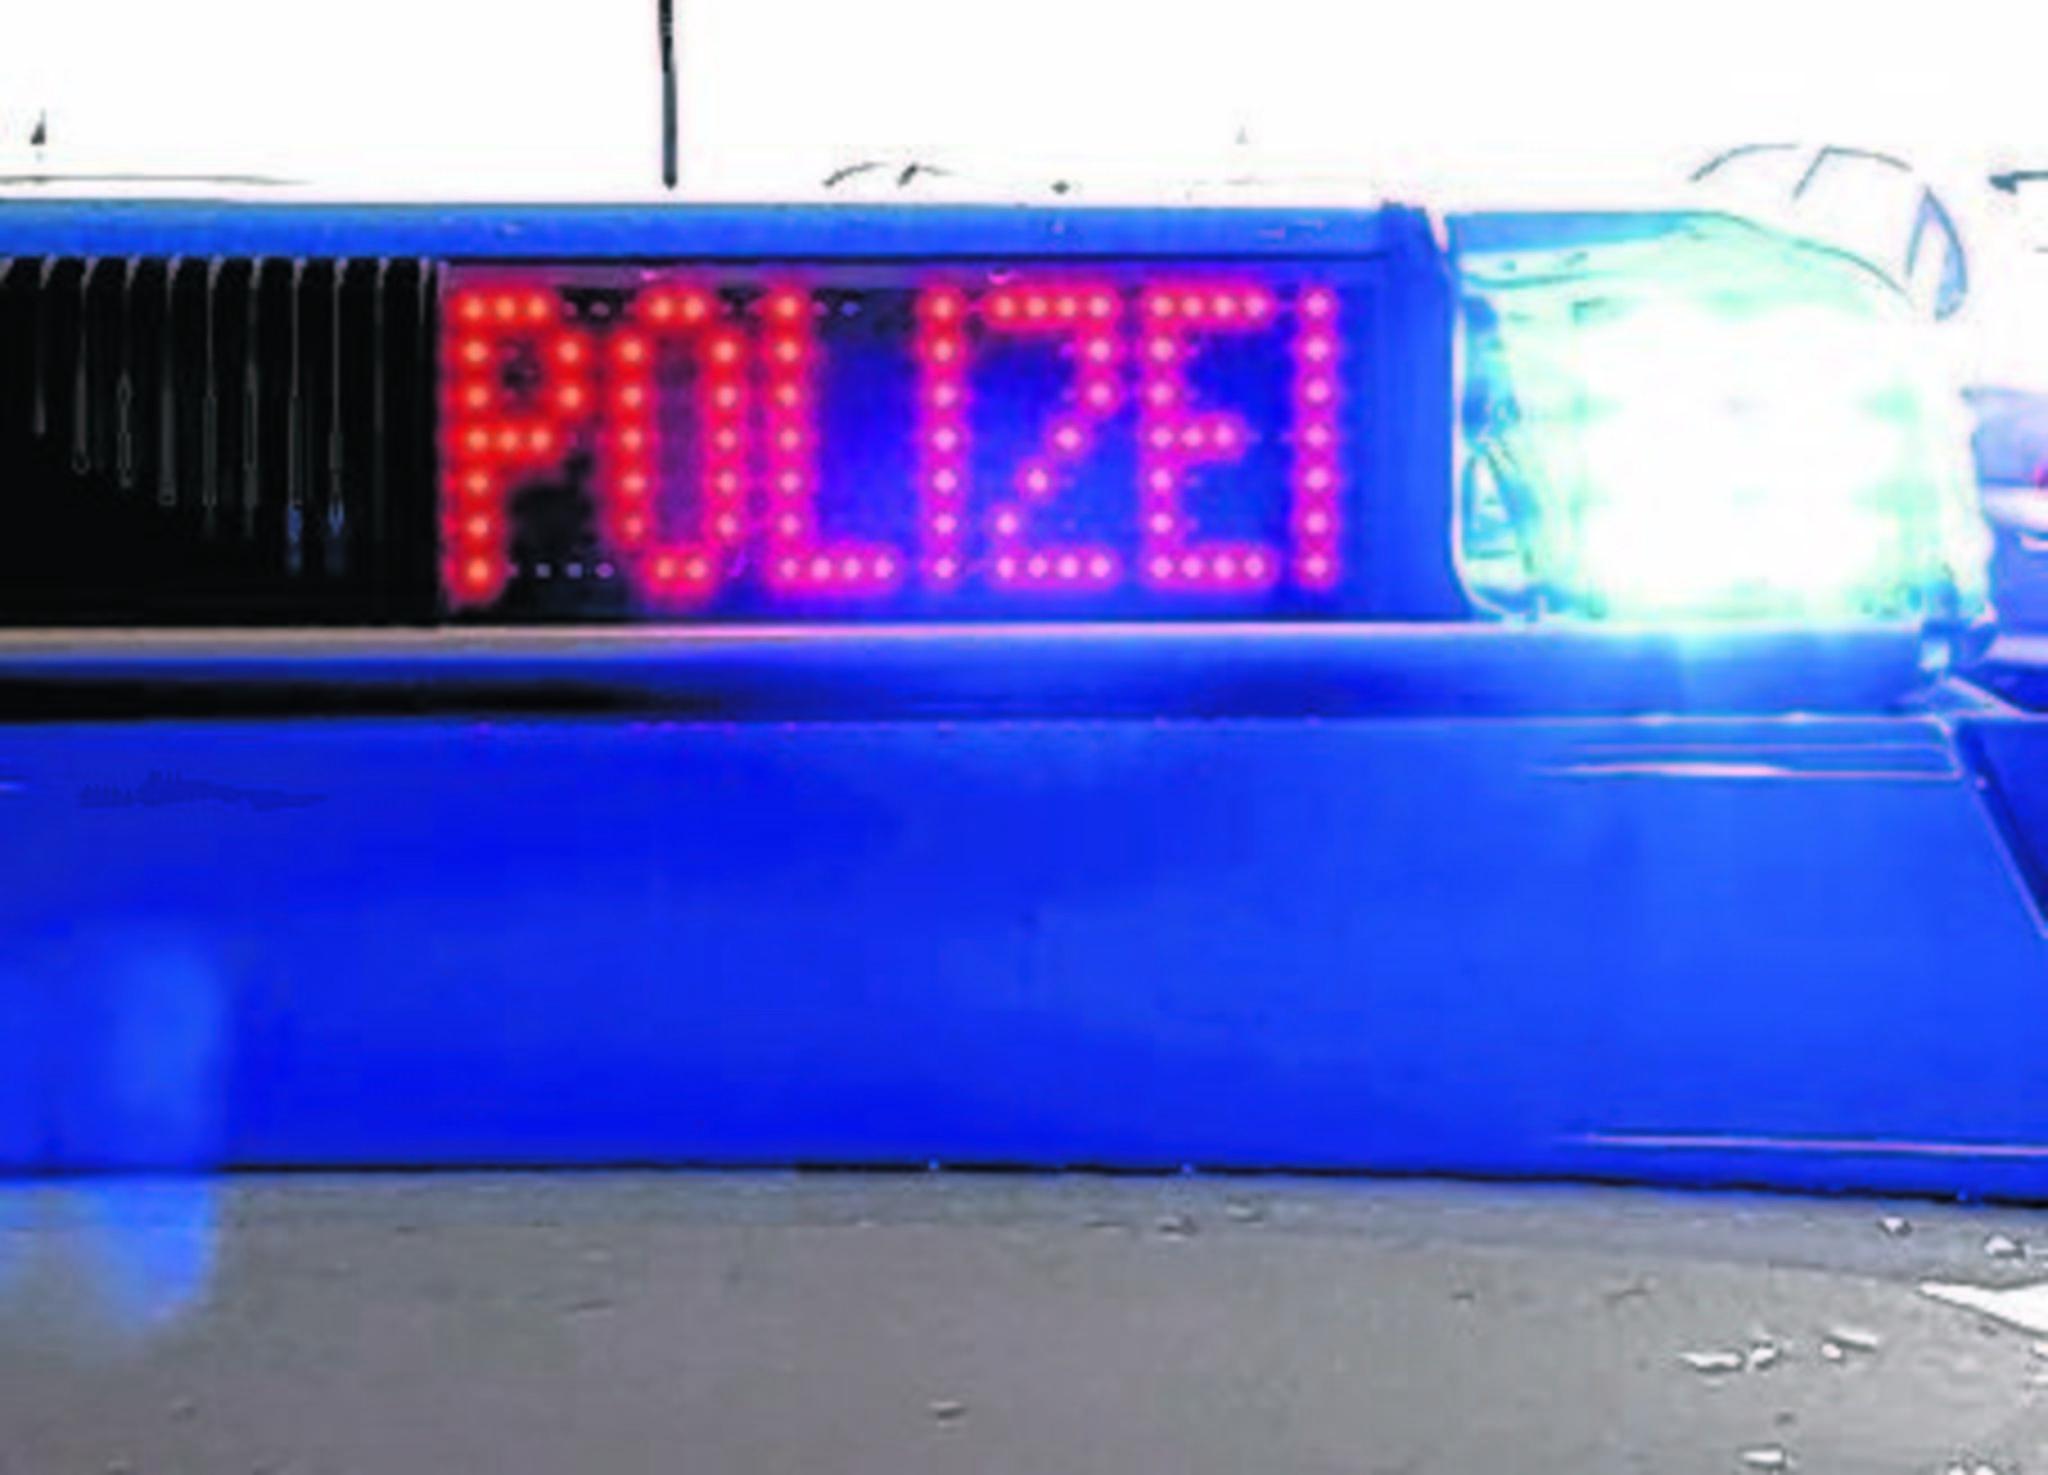 Marl: Auffahrunfall mit einer Leichtverletzten - 11.000 Euro Sachschaden - Marl - Lokalkompass.de